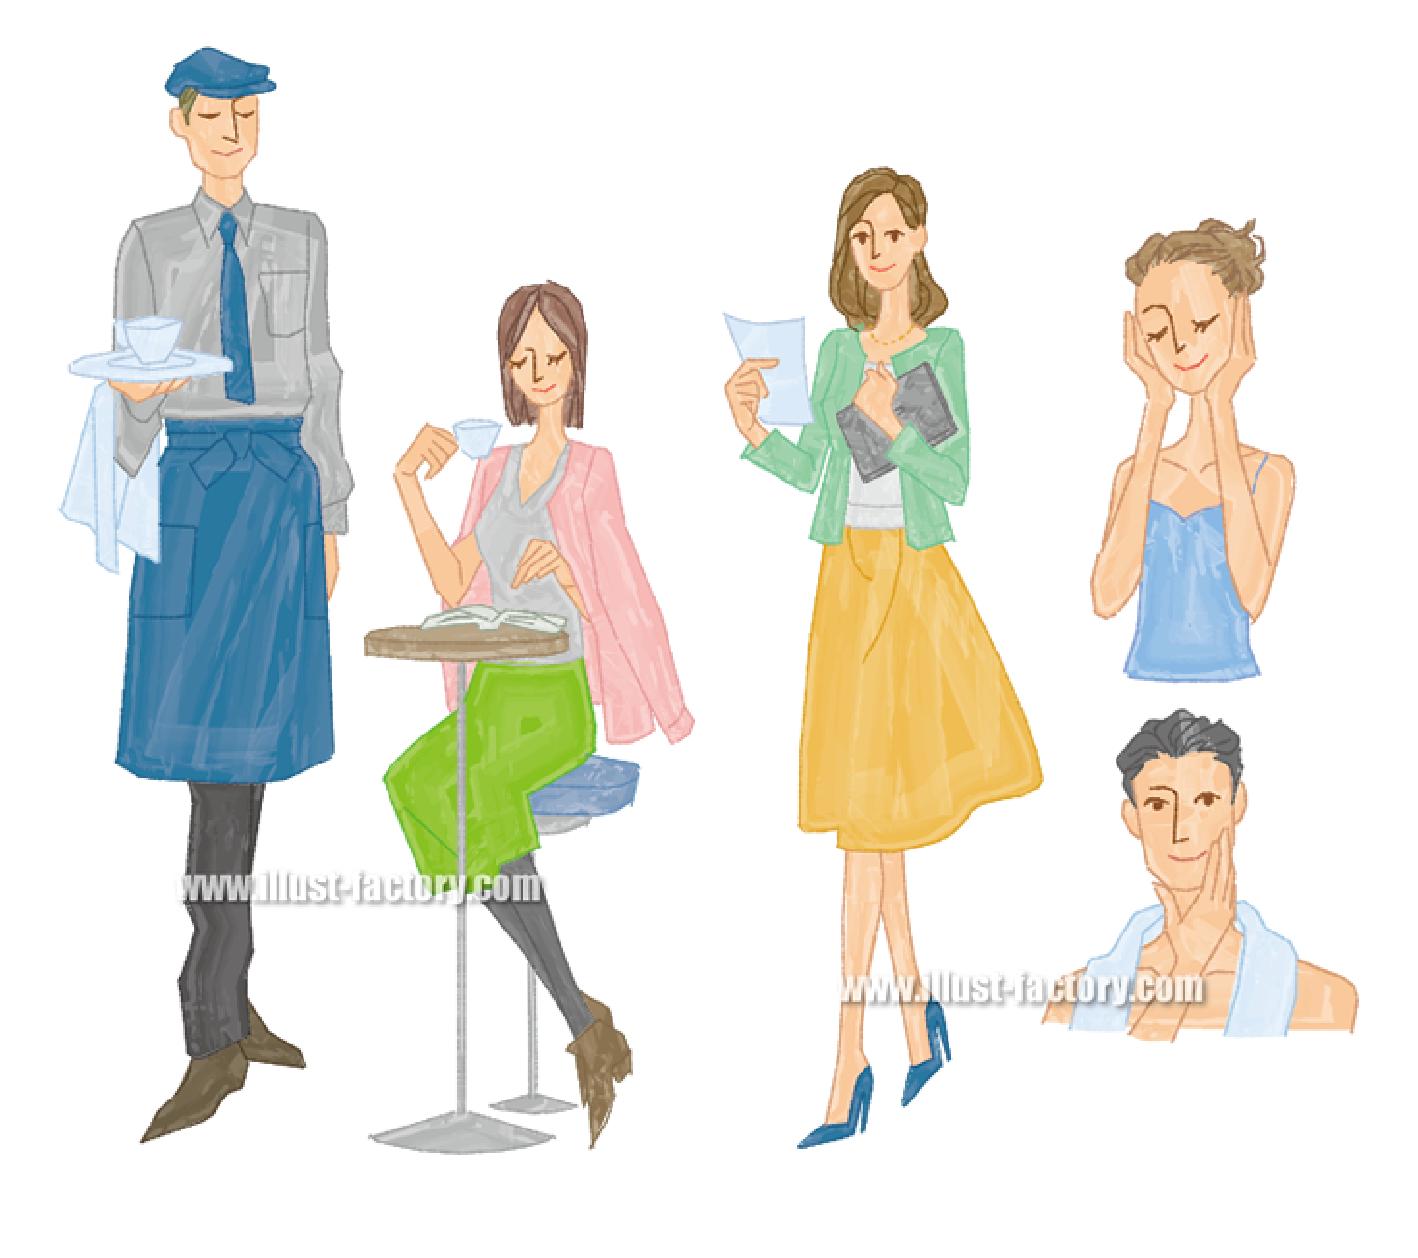 Illustratorで手描き風ペンタッチイラスト見本G266